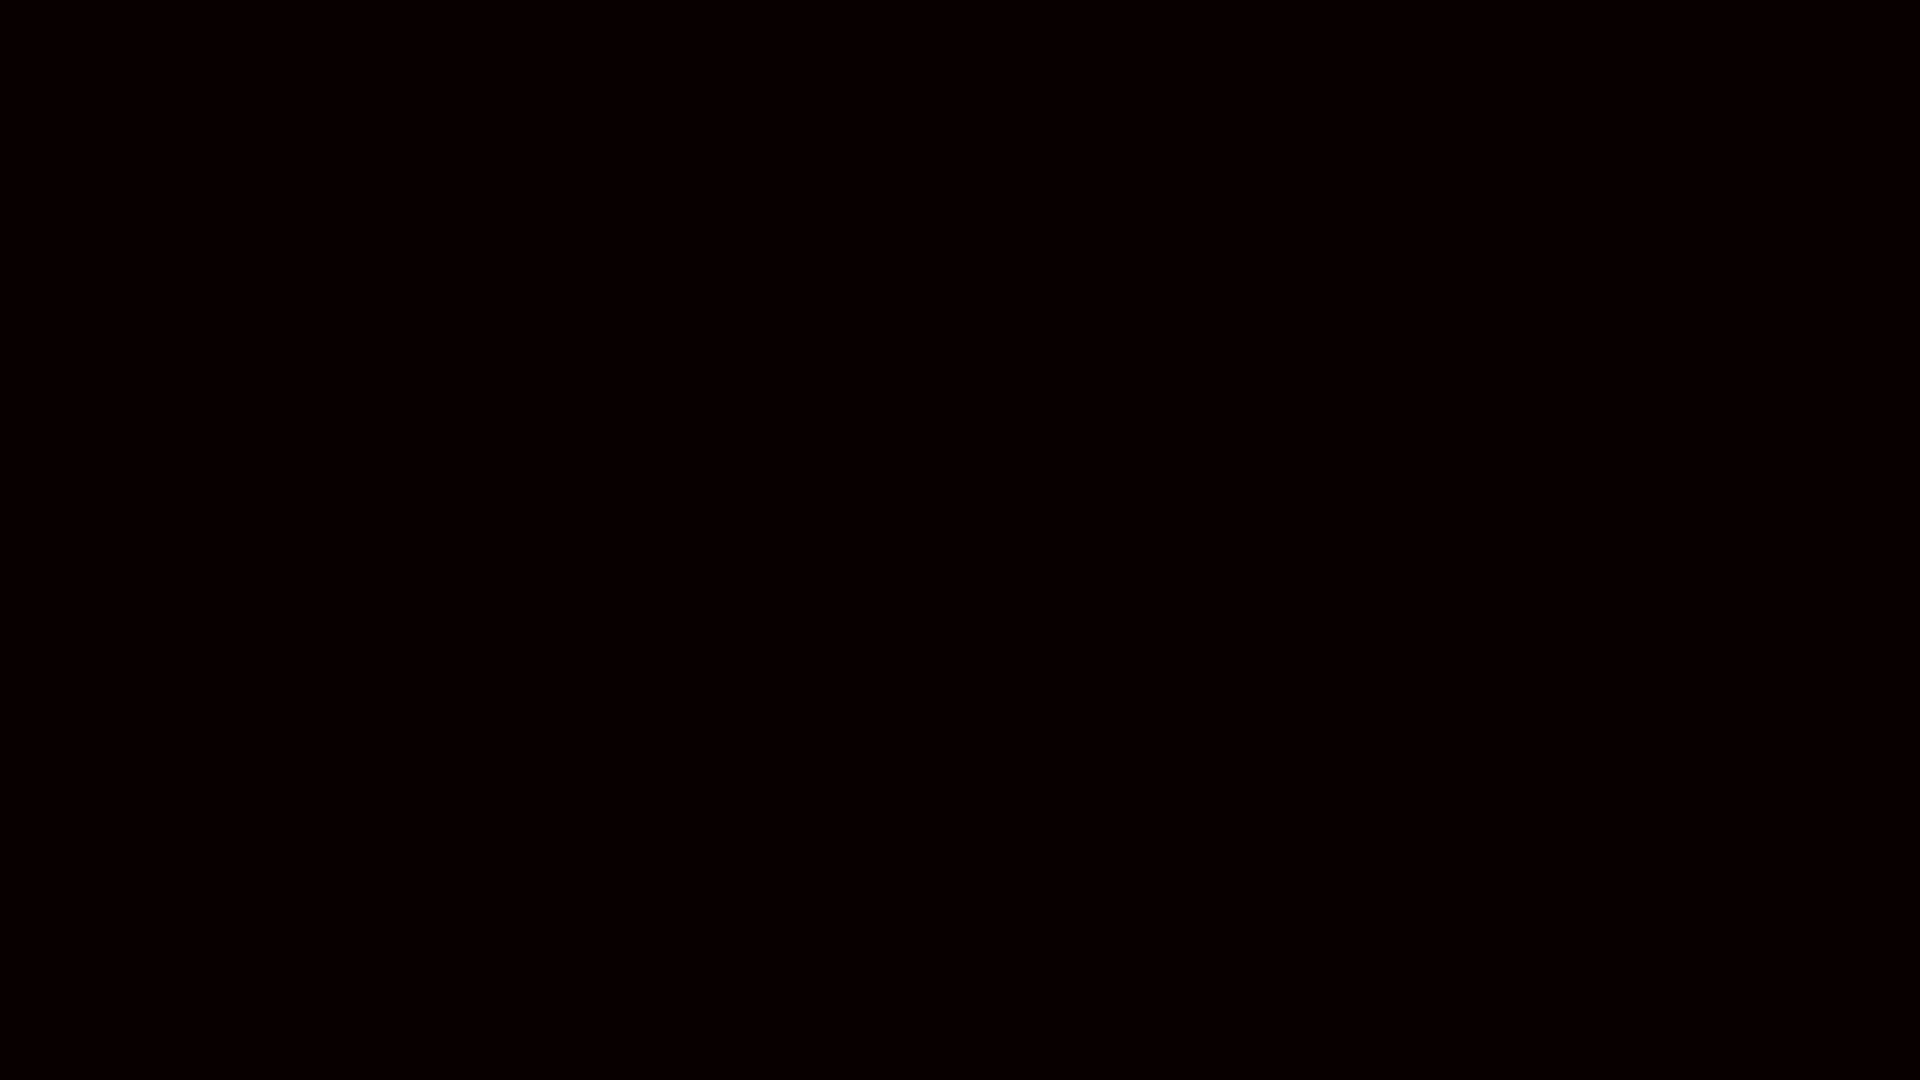 阿国ちゃんの「和式洋式七変化」No.3 お姉さんのSEX  106枚 24